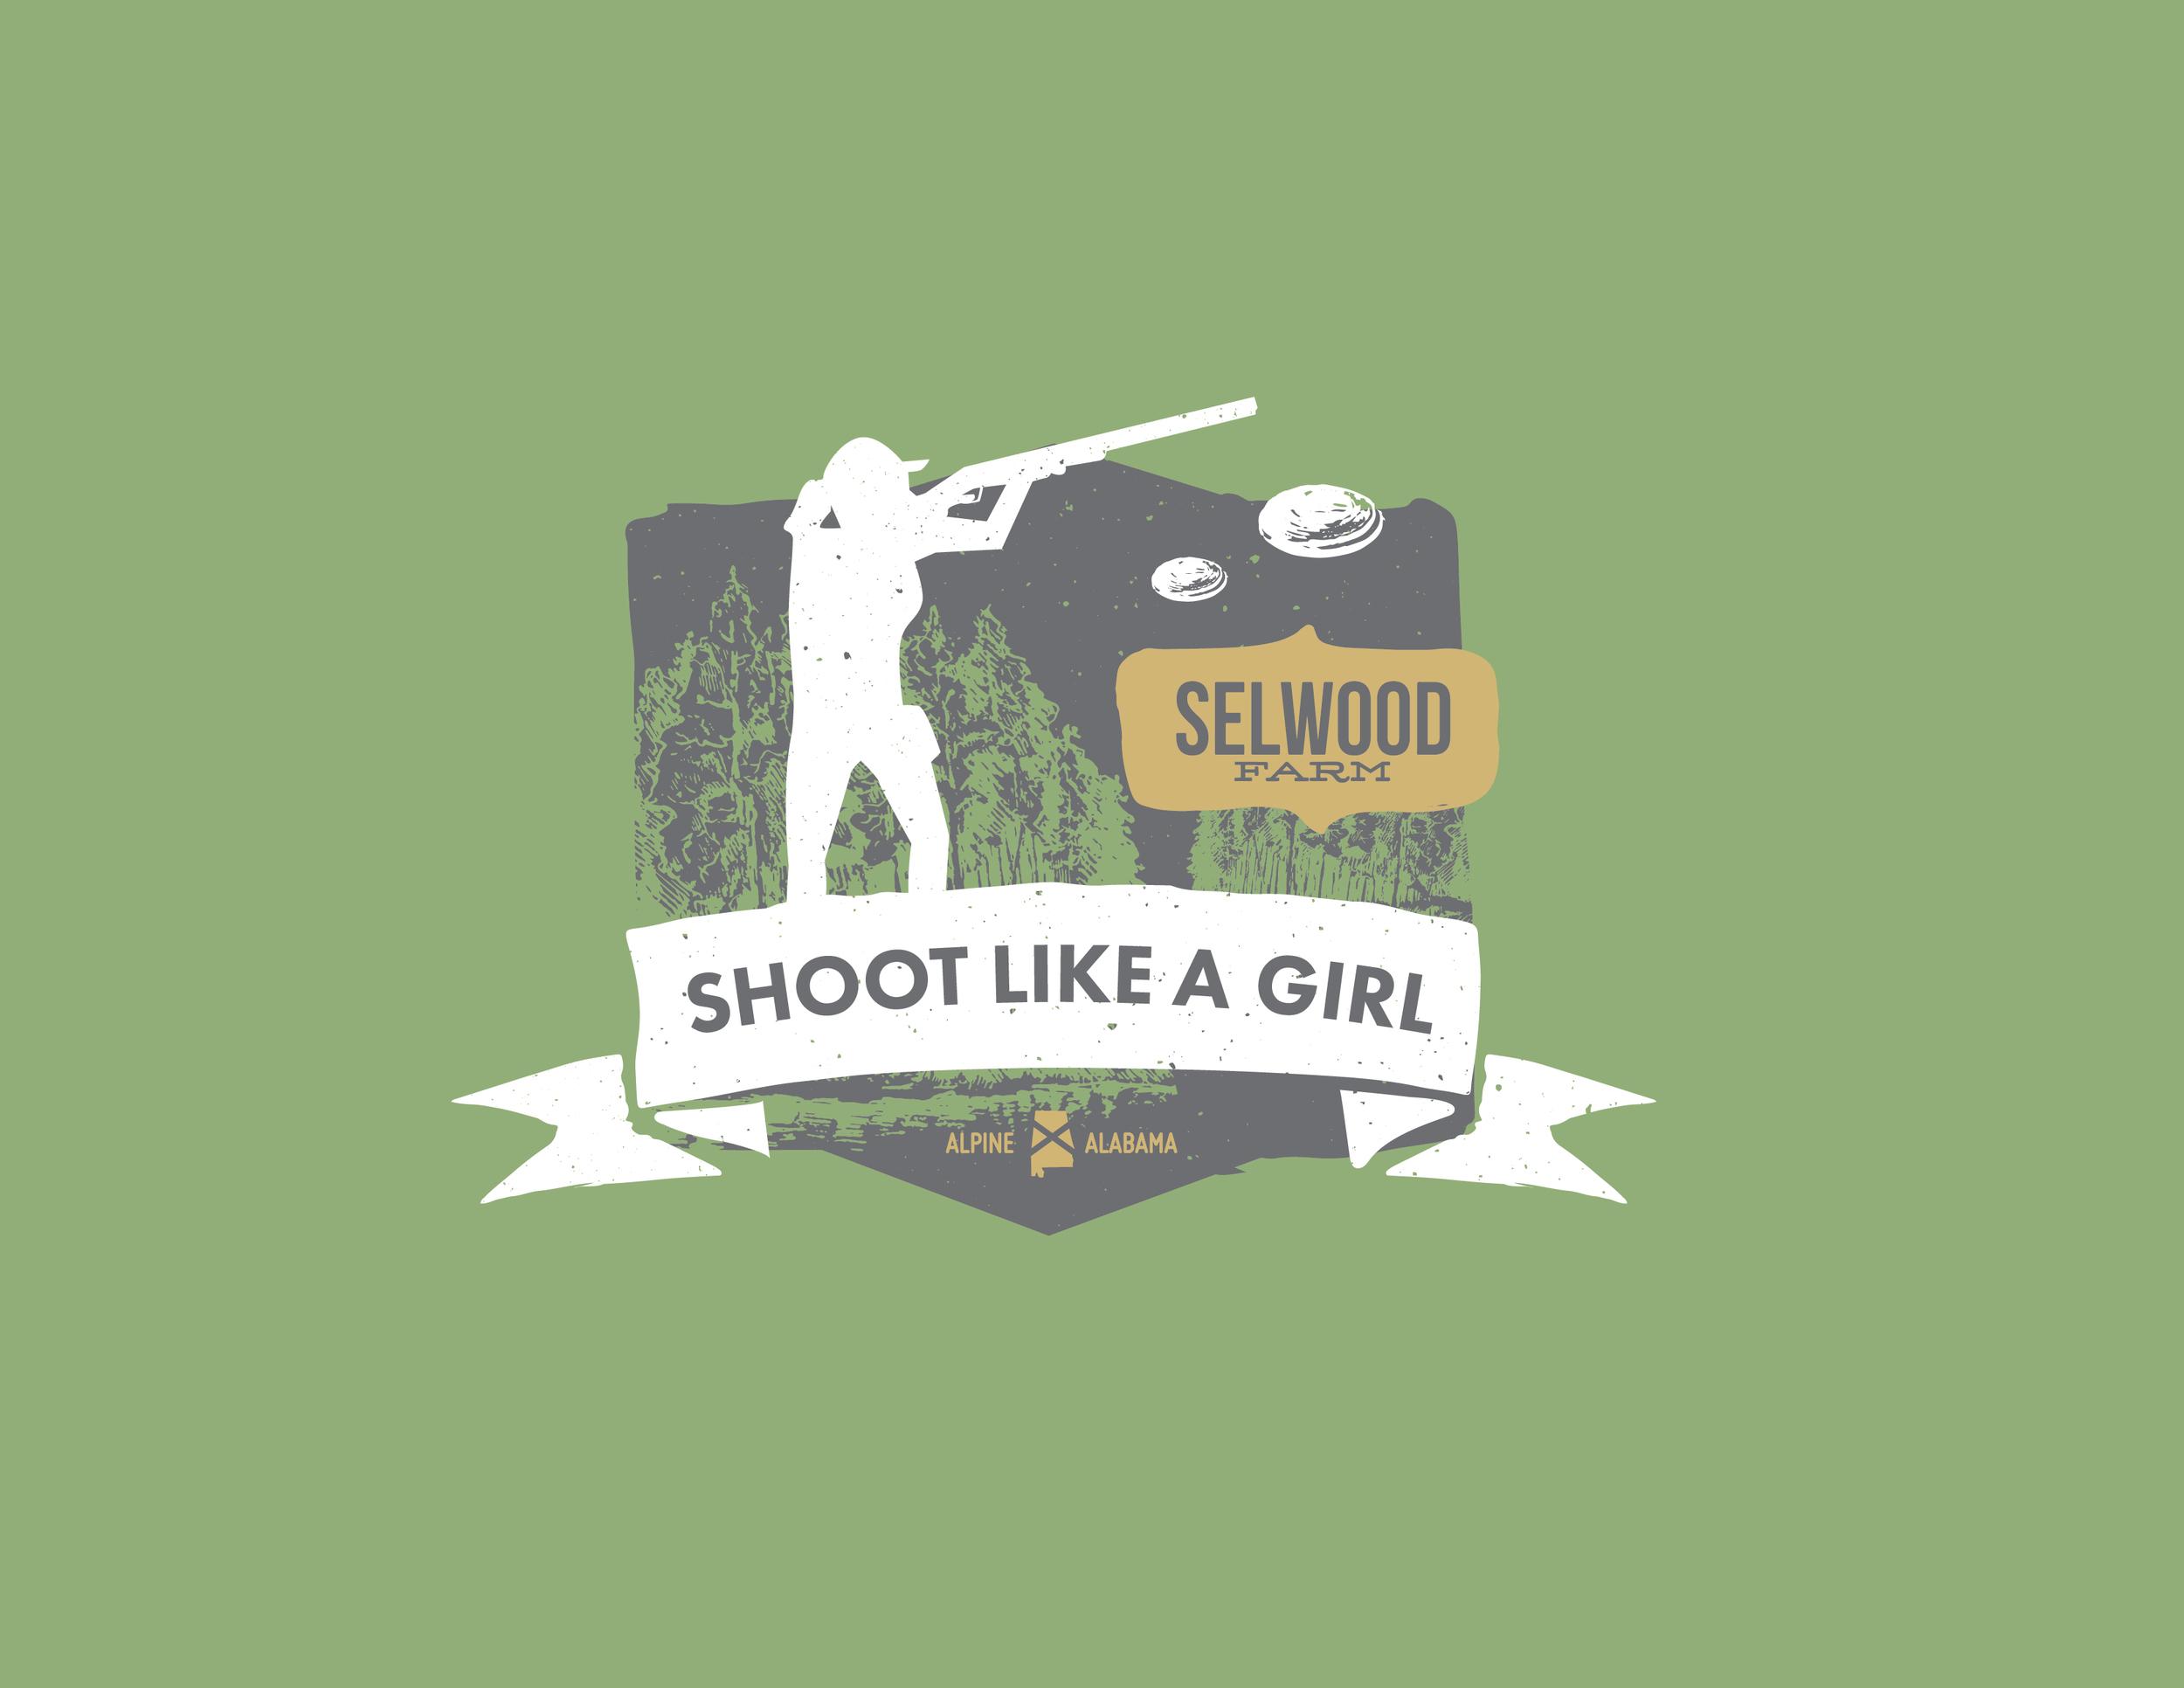 SelwoodFarm_ShootLikeaGirl.jpg